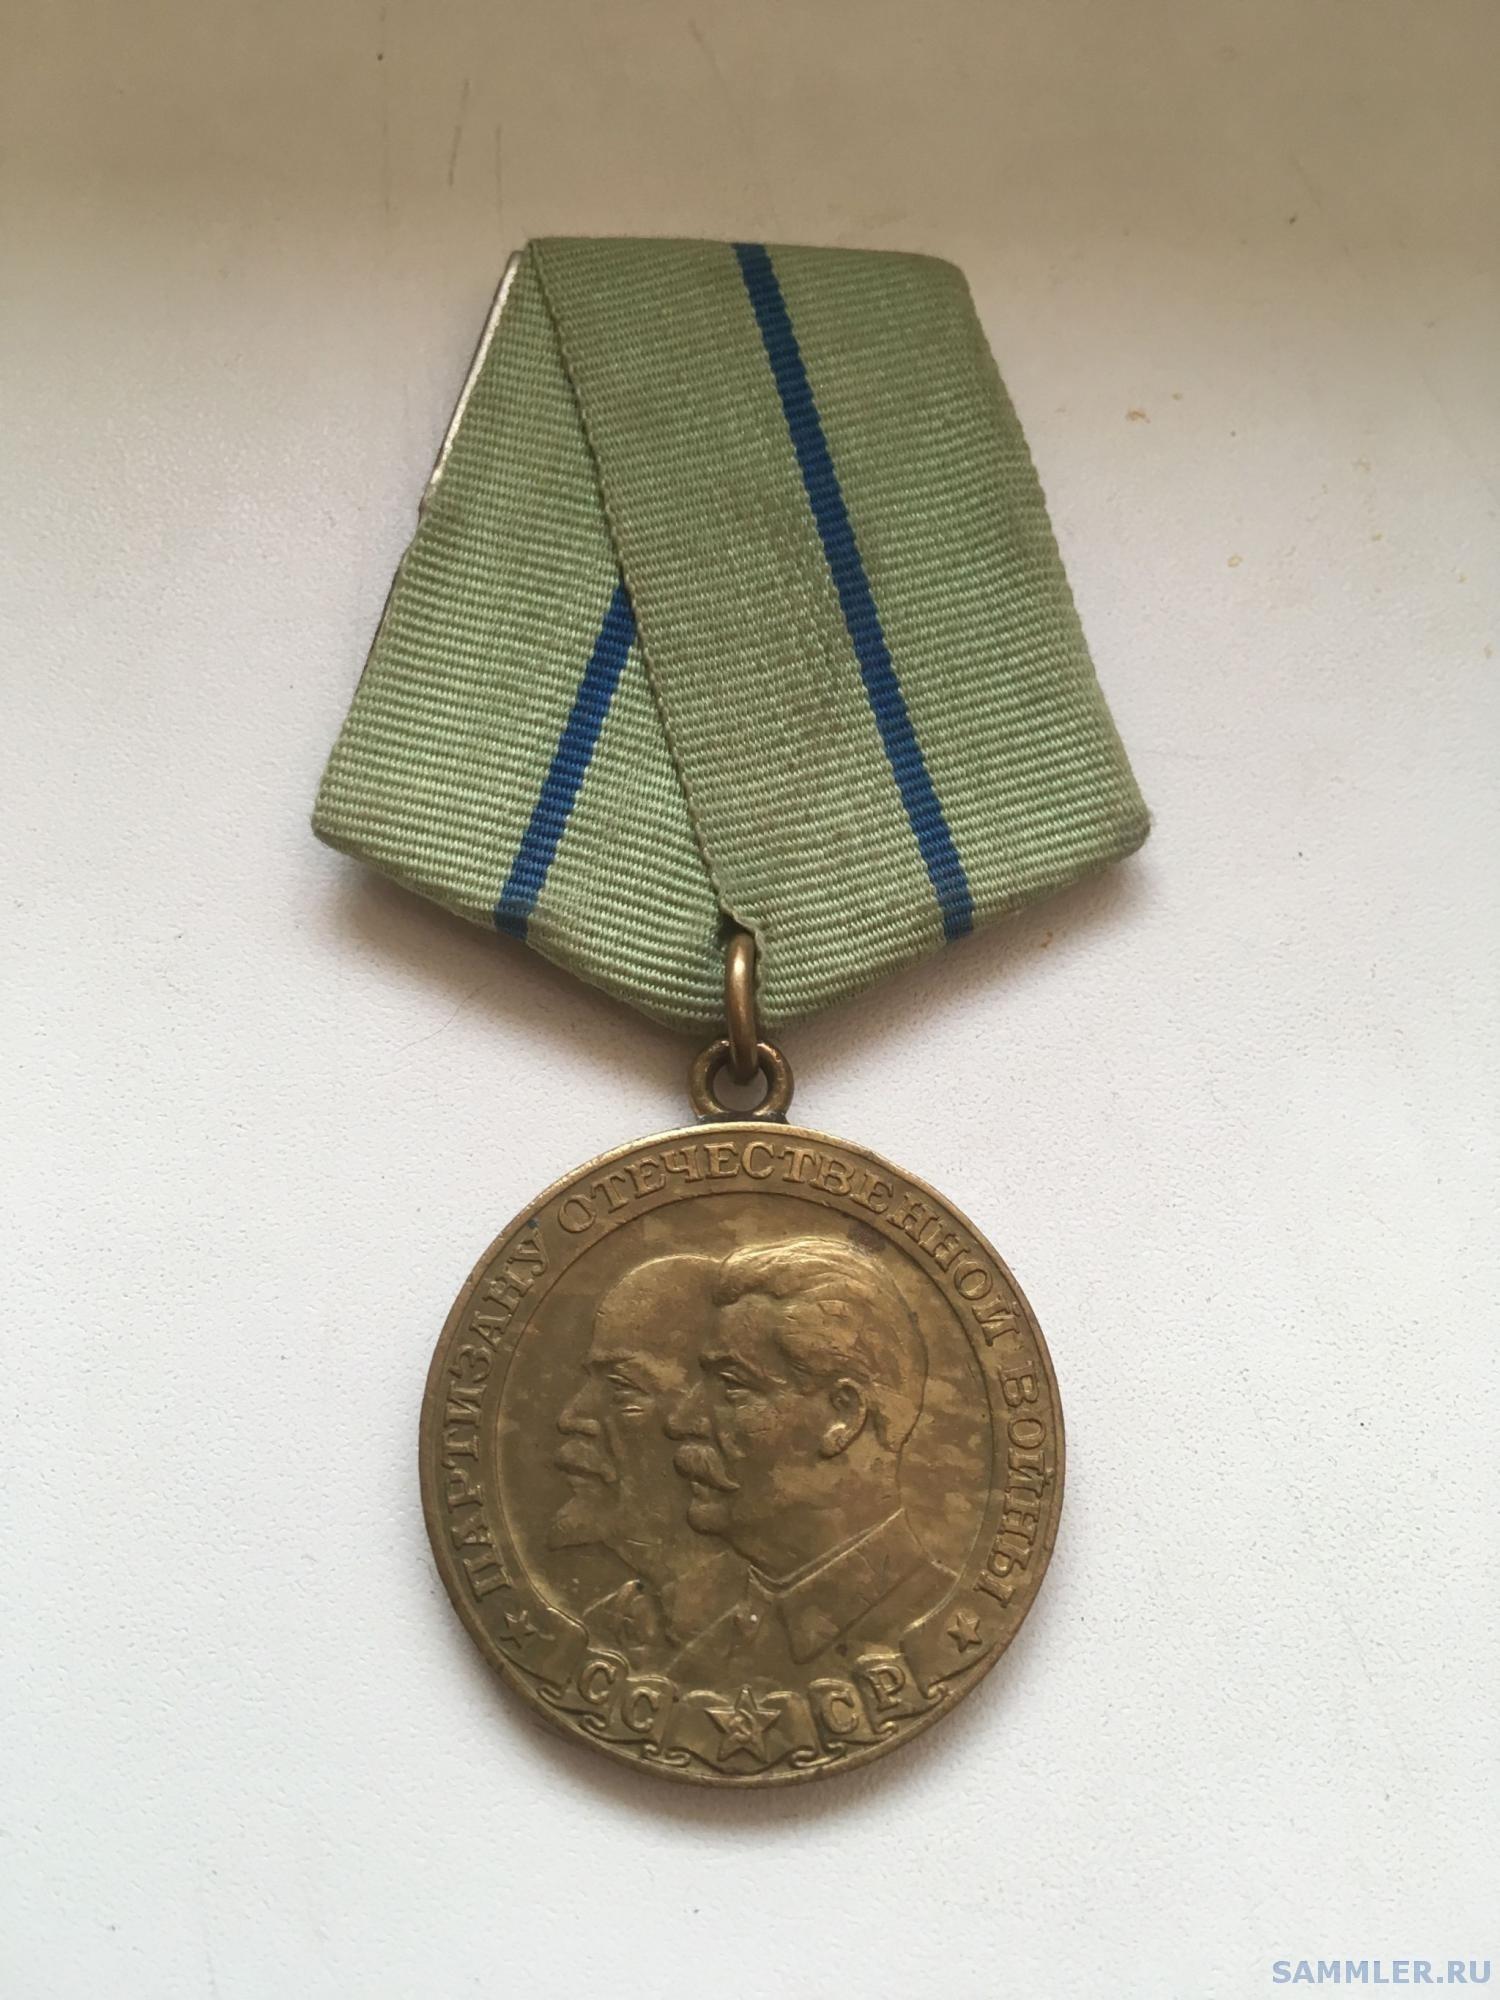 Медаль Партизану Отечественной Войны 2ст, родной сбор.jpg